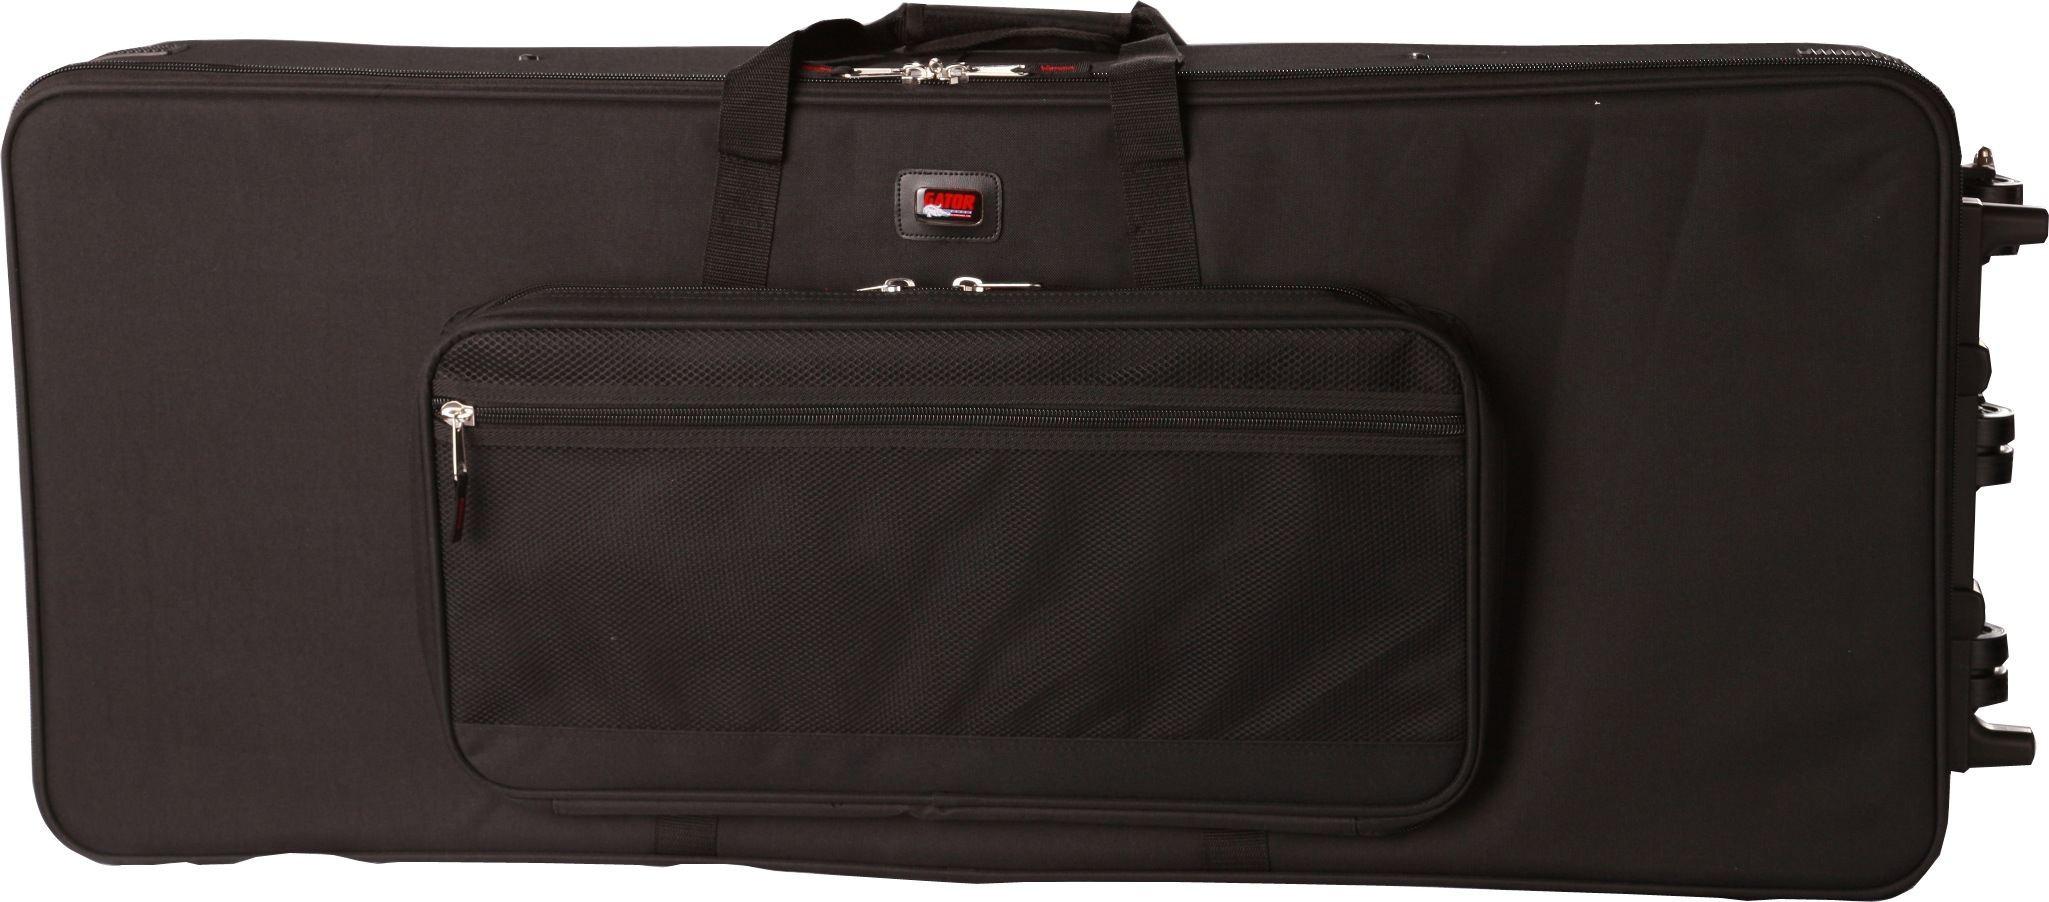 Gator Cases GK88 Keyboard Case w/ Wheels, Extra Slim